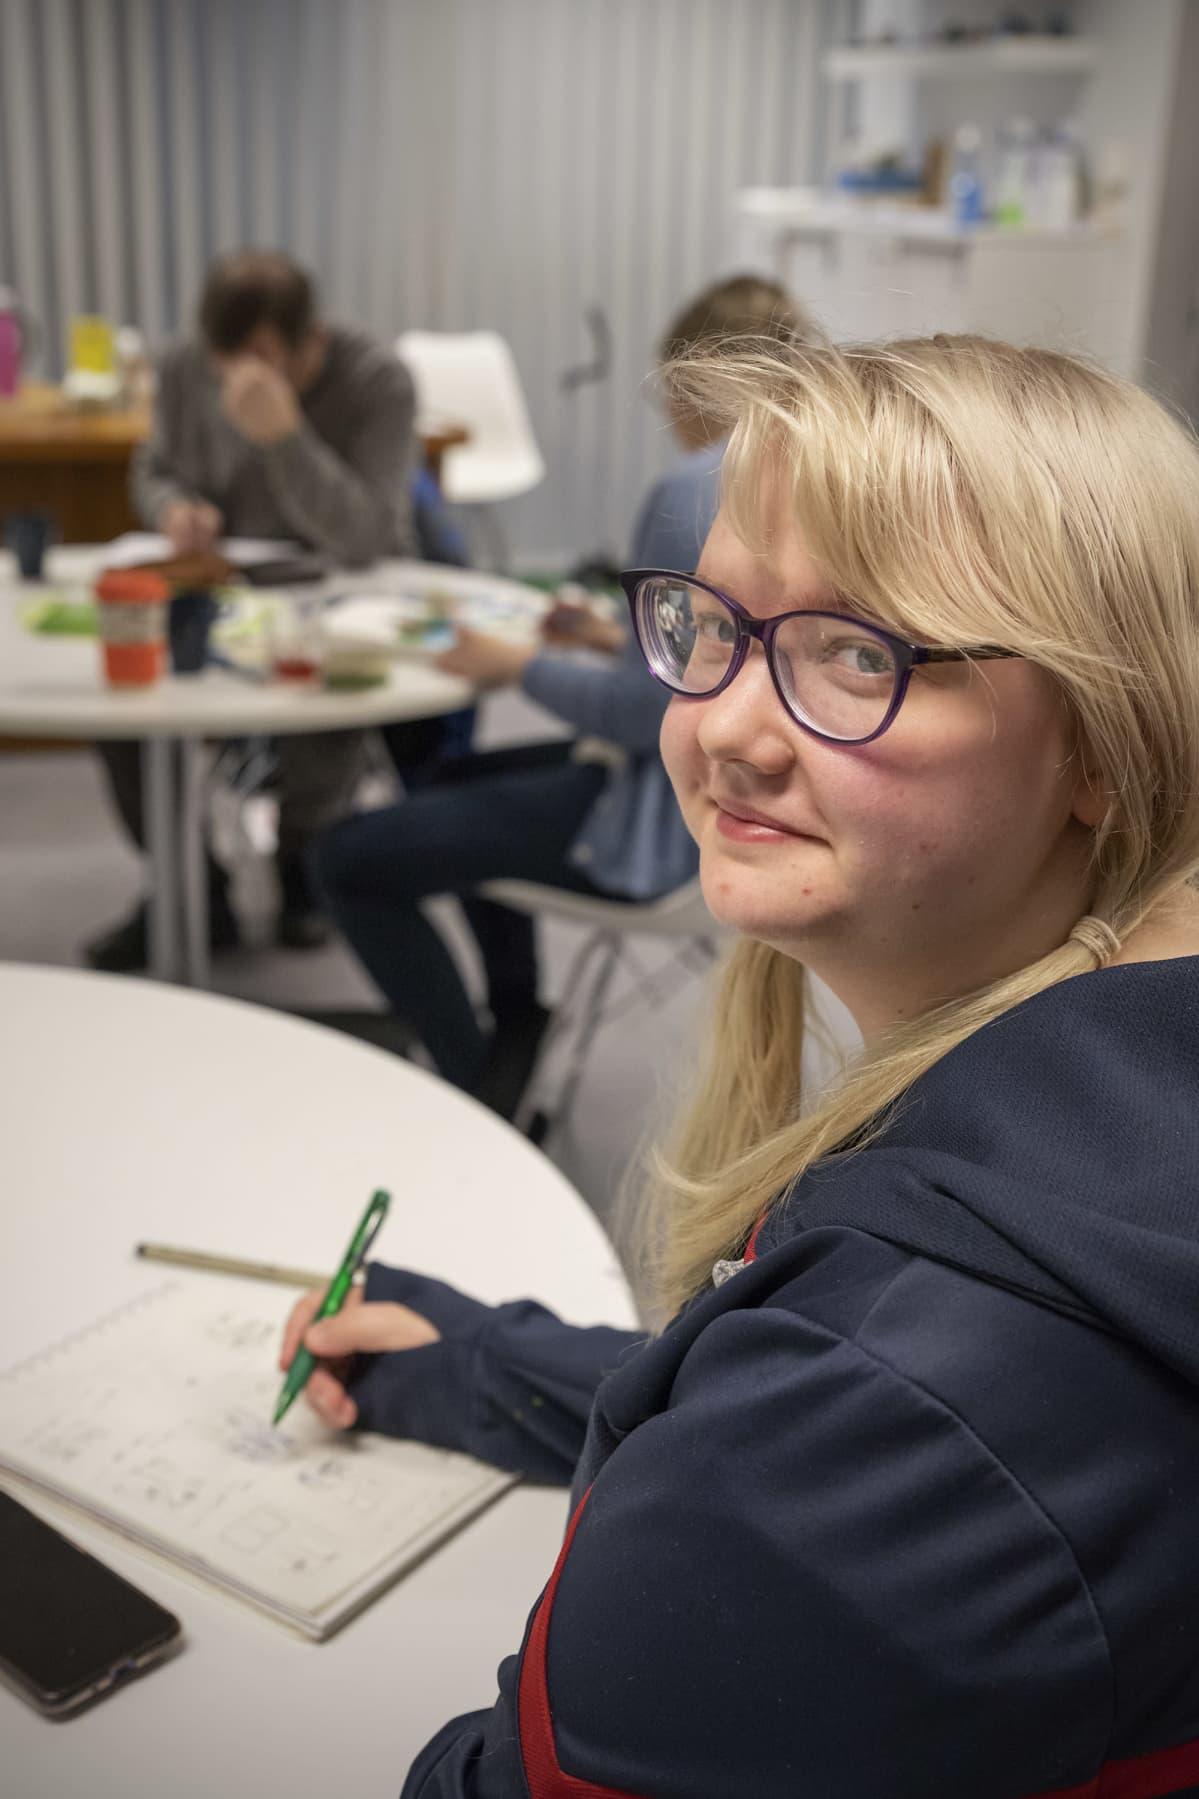 Lili Peltola piirtää sarjakuvaa Joensuun sarjakuvaseuran sarjisillassa.